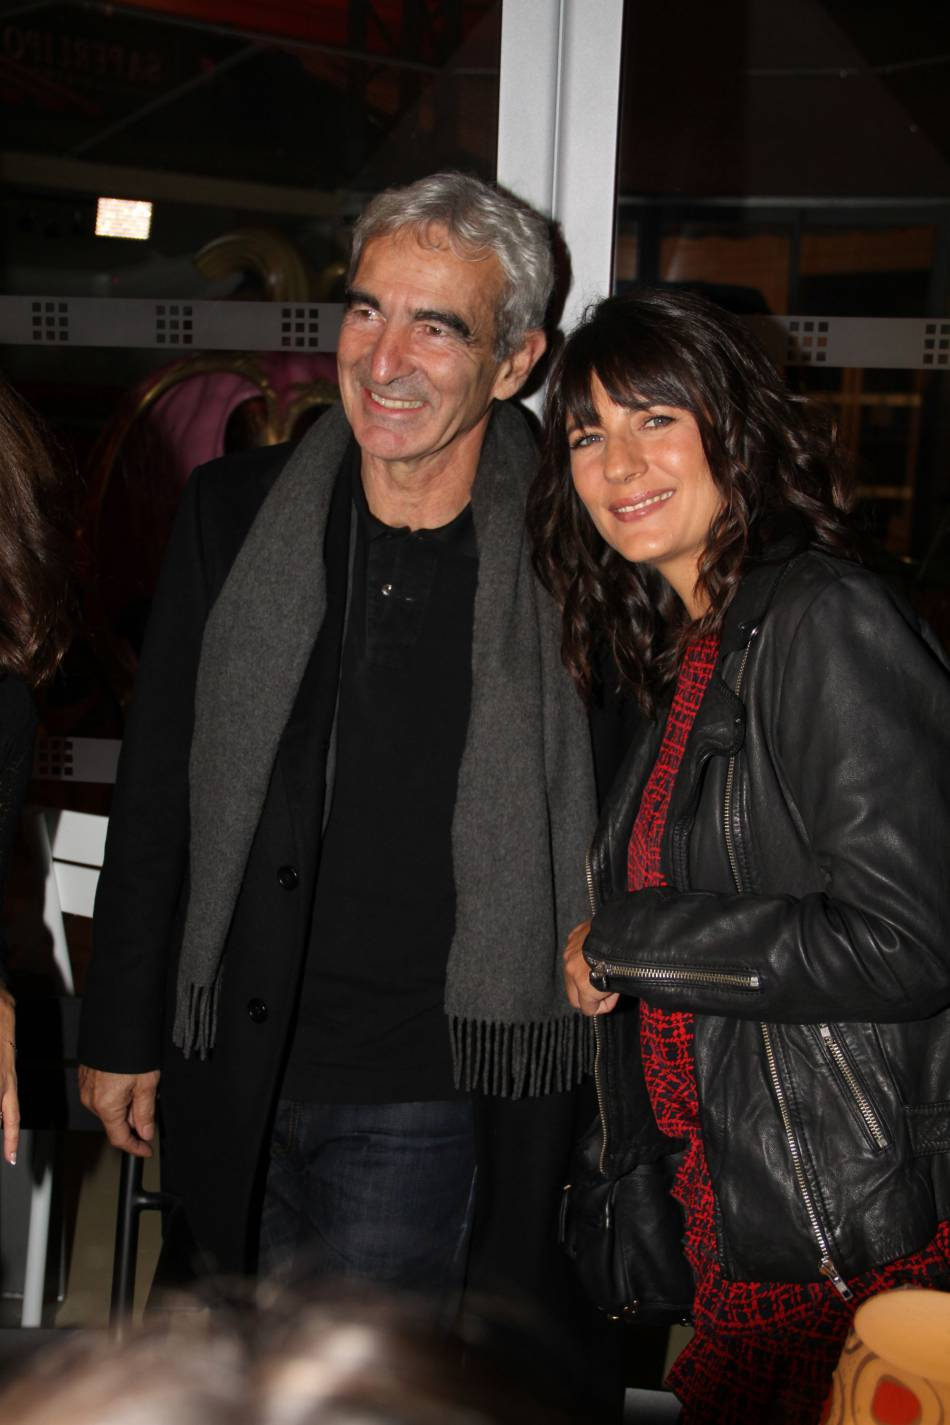 En 2008, Raymond Domenech a demandé en mariage Estelle Denis en direct à la télé. A l'heure actuelle, le couple n'est toujours pas passé devant monsieur le Maire.